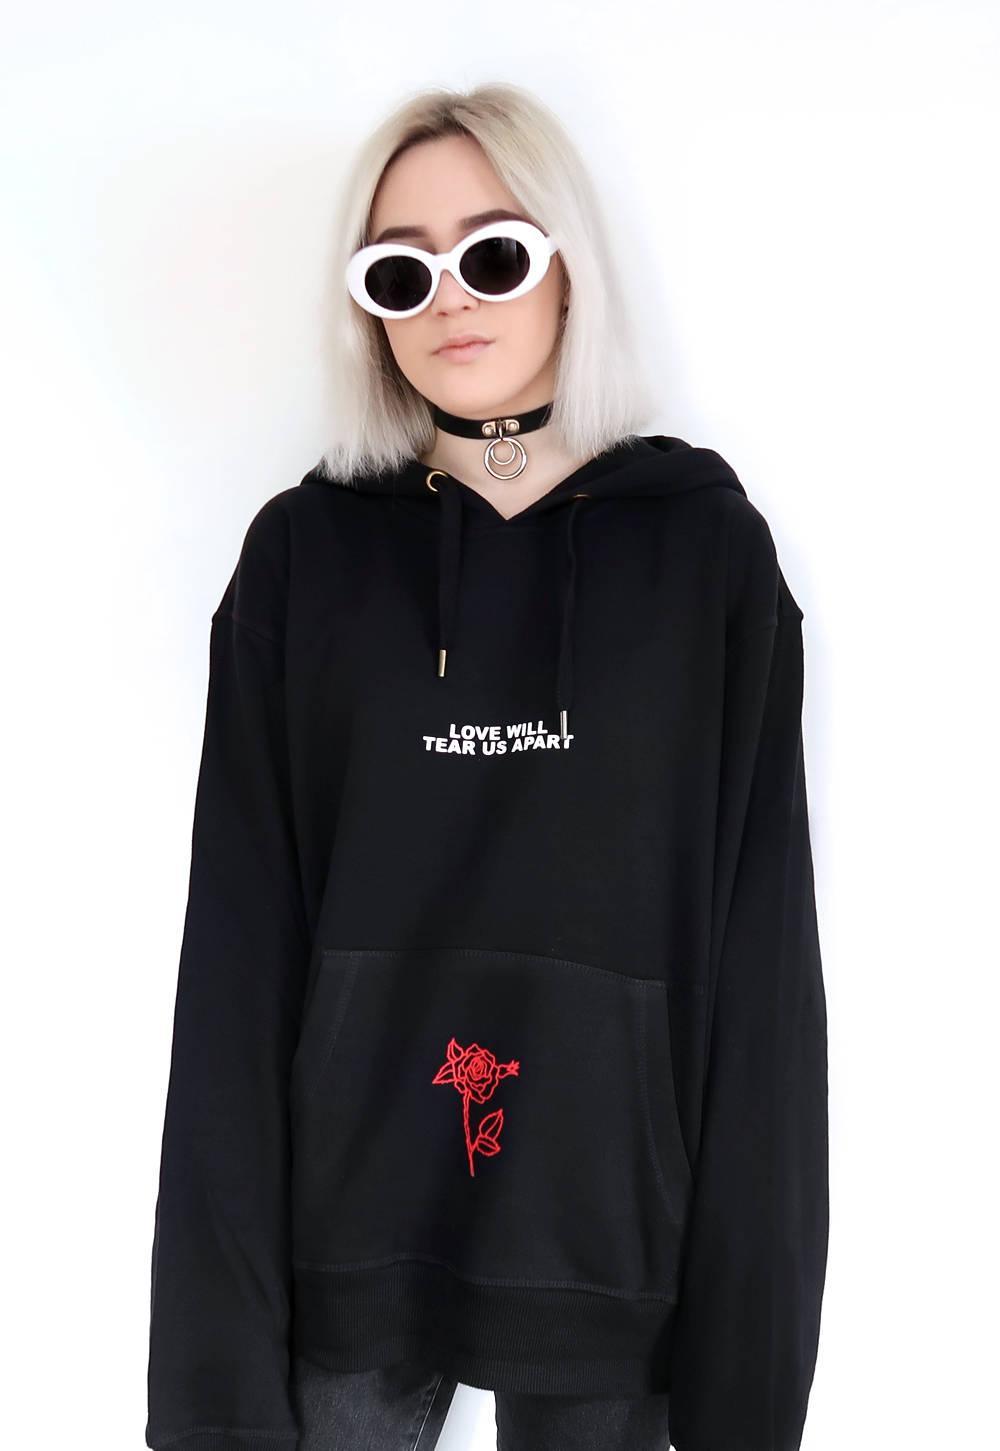 2019 Wholesale Love Will Tear Us Apart Rose Hoodie Sweatshirt Black